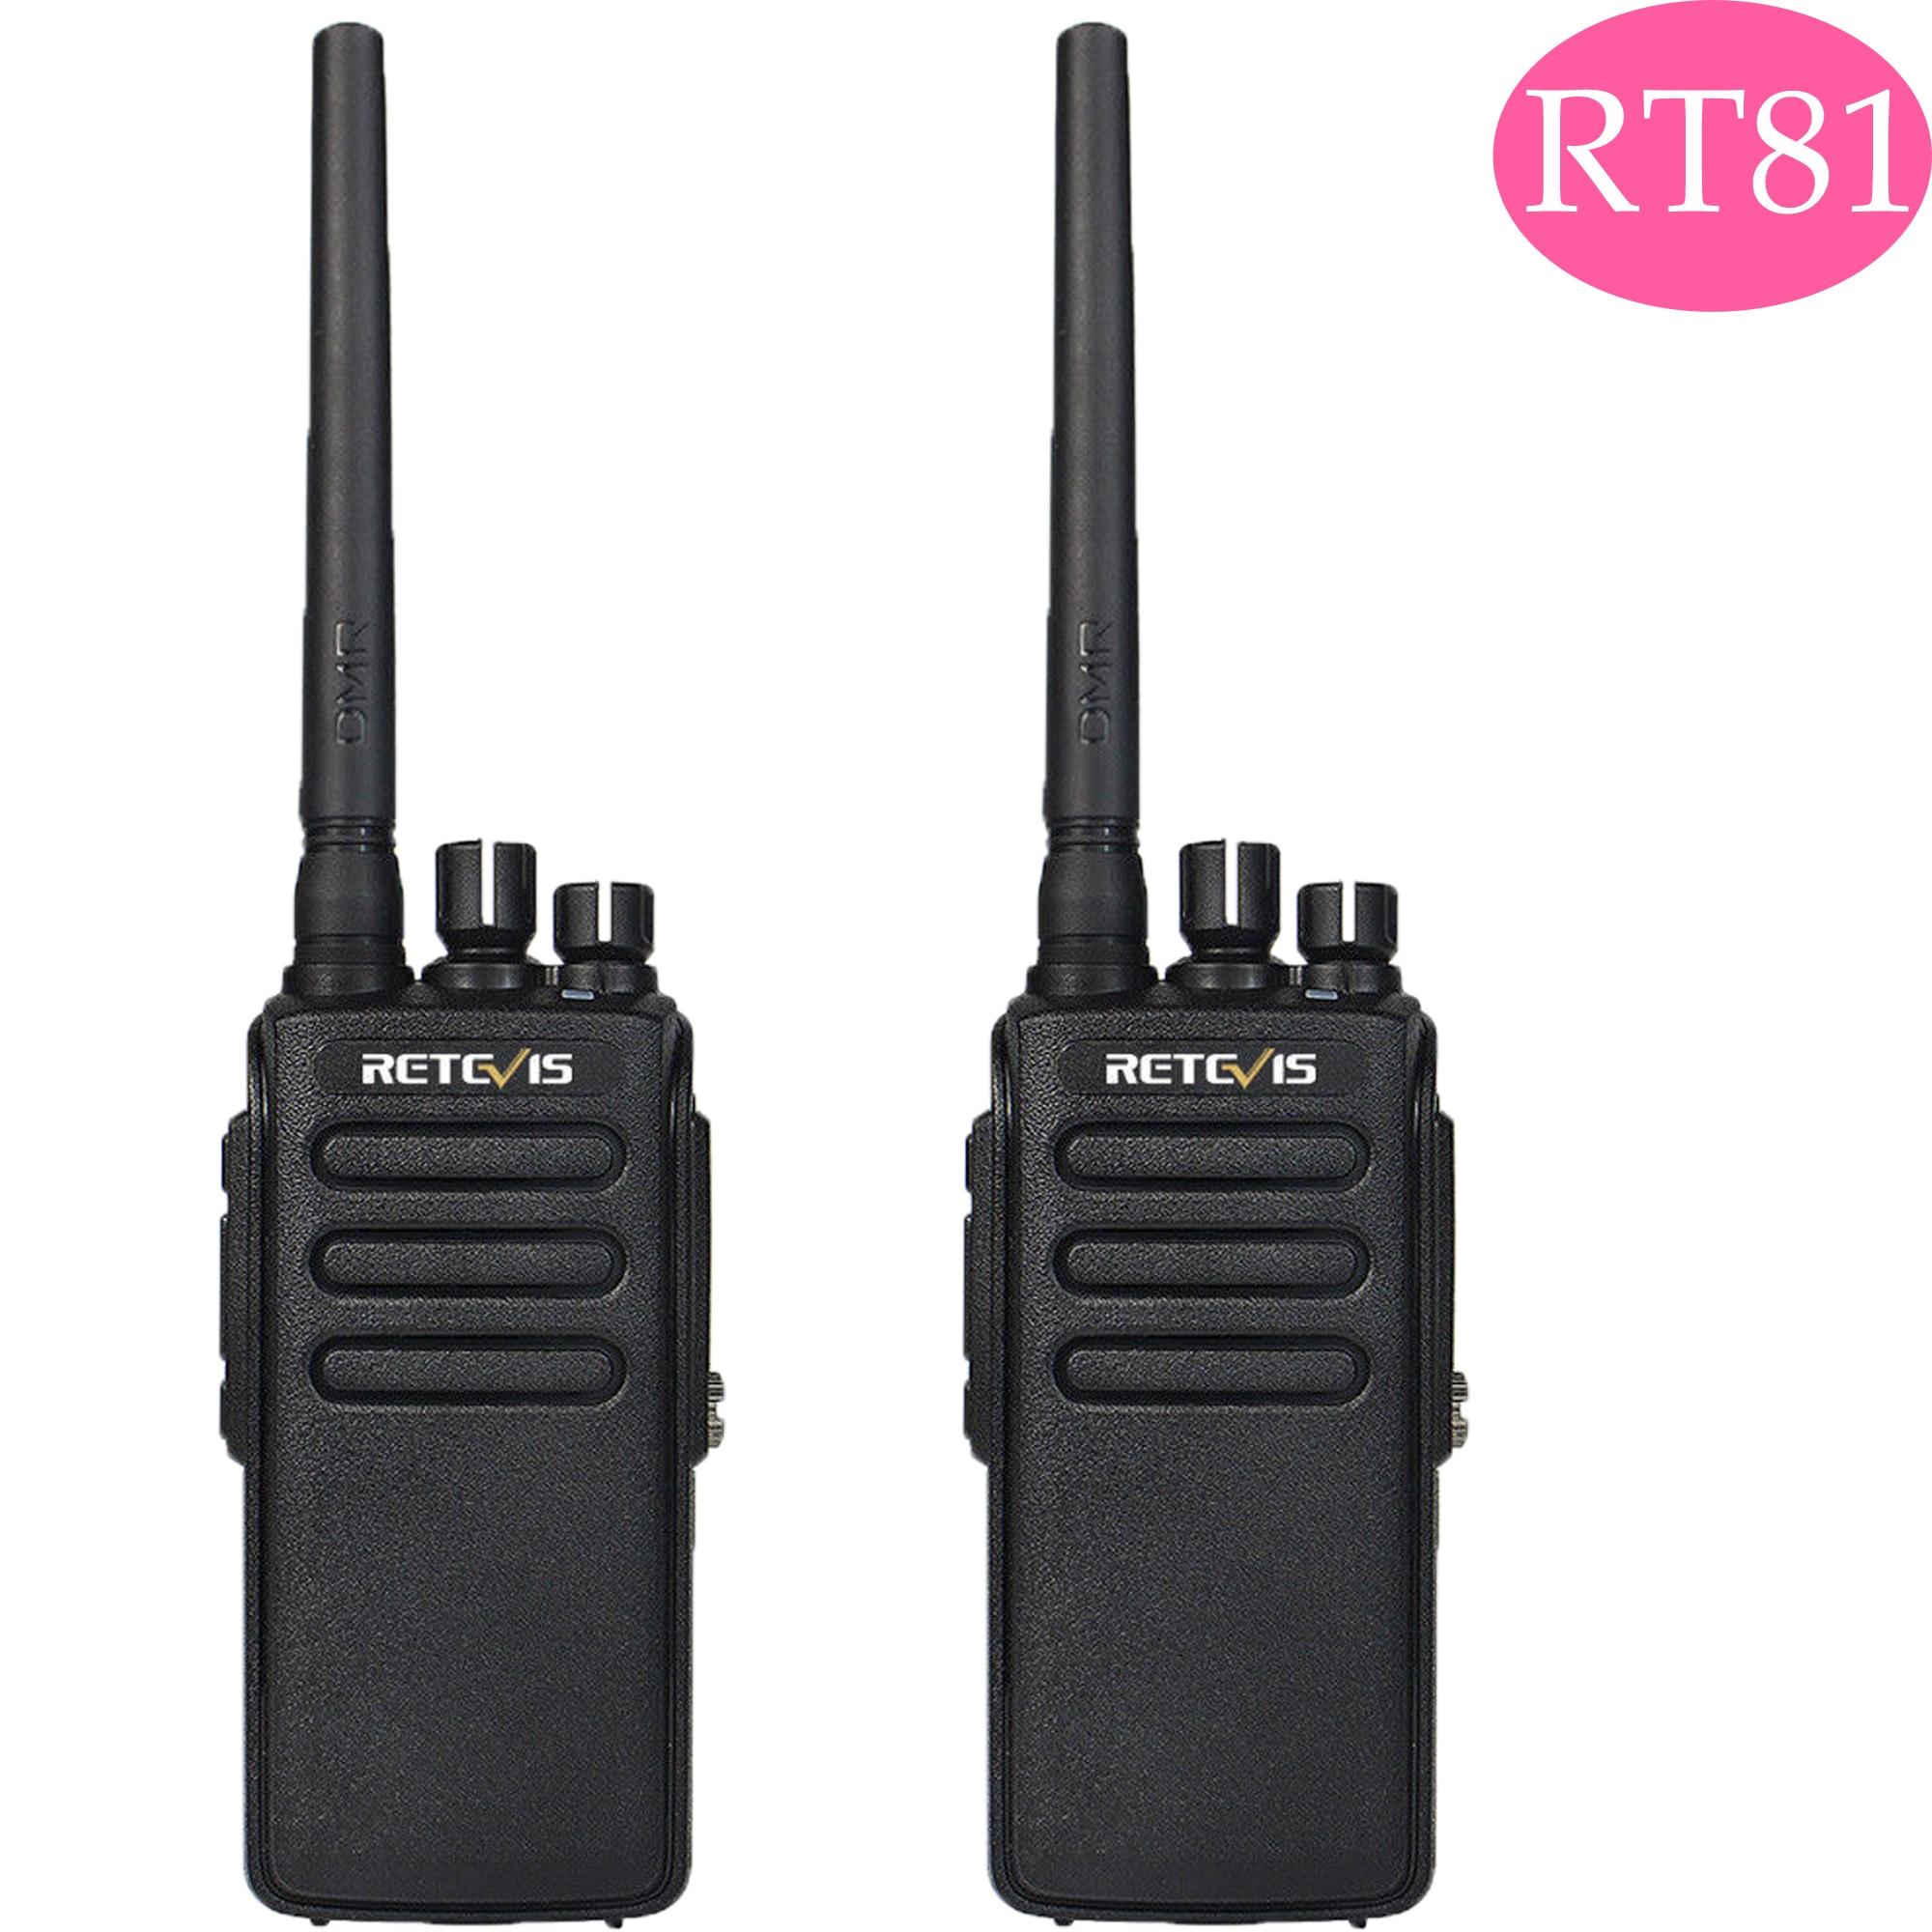 Retevis RT81 DMR Radio Digital Walkie Talkie Waterproof IP67 Walkie Talkies 2 Pcs UHF Two-way Radio Transceiver Walkie-talkie